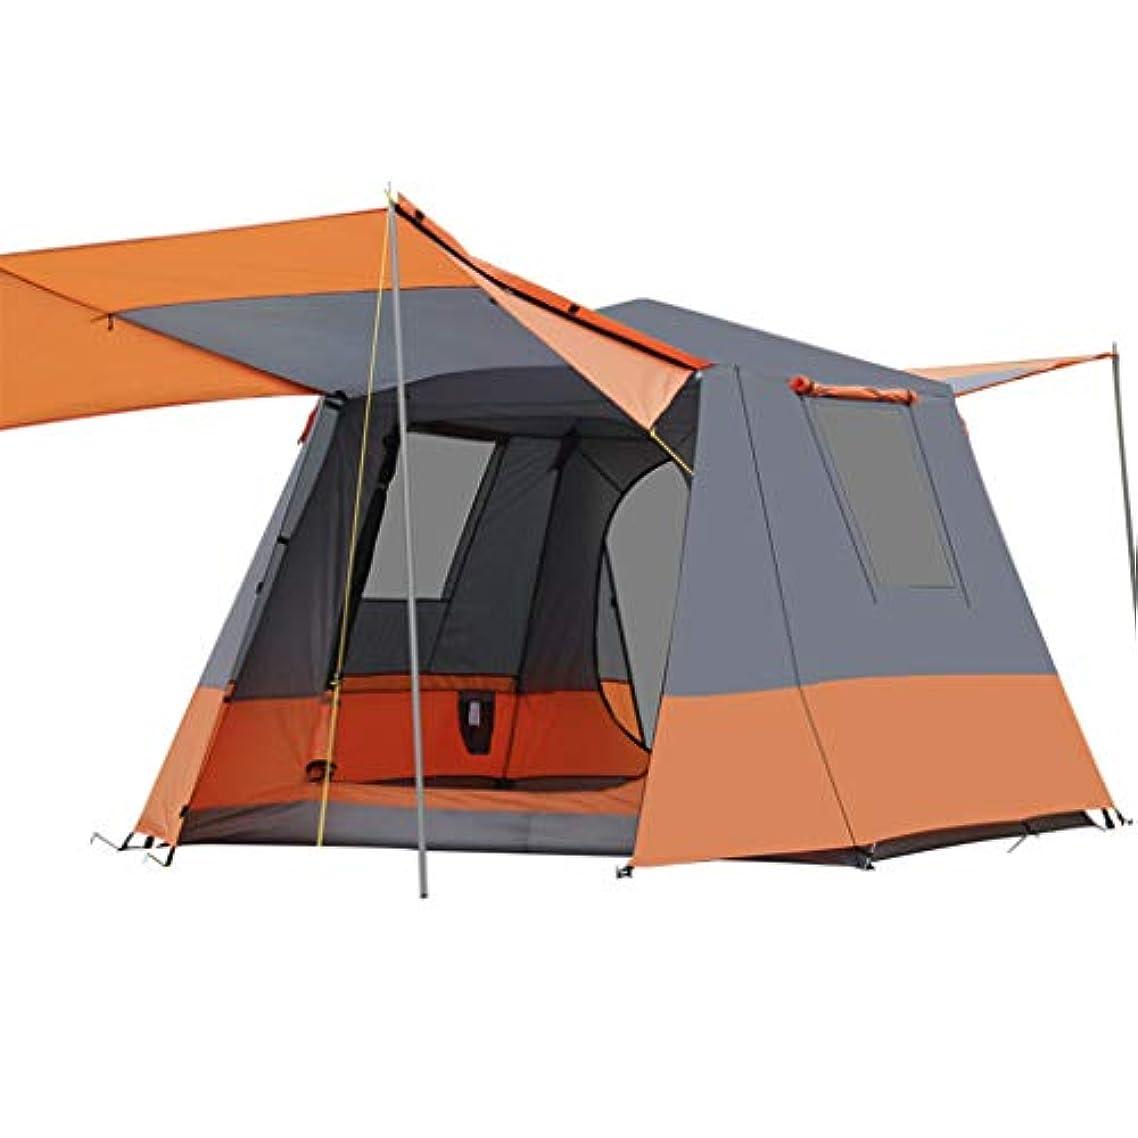 またねマージン不屈4から6大家族祭テント自動二重層防水3000ミリメートルキャンプテント付きオーニング理想的な屋外ハイキング旅行用